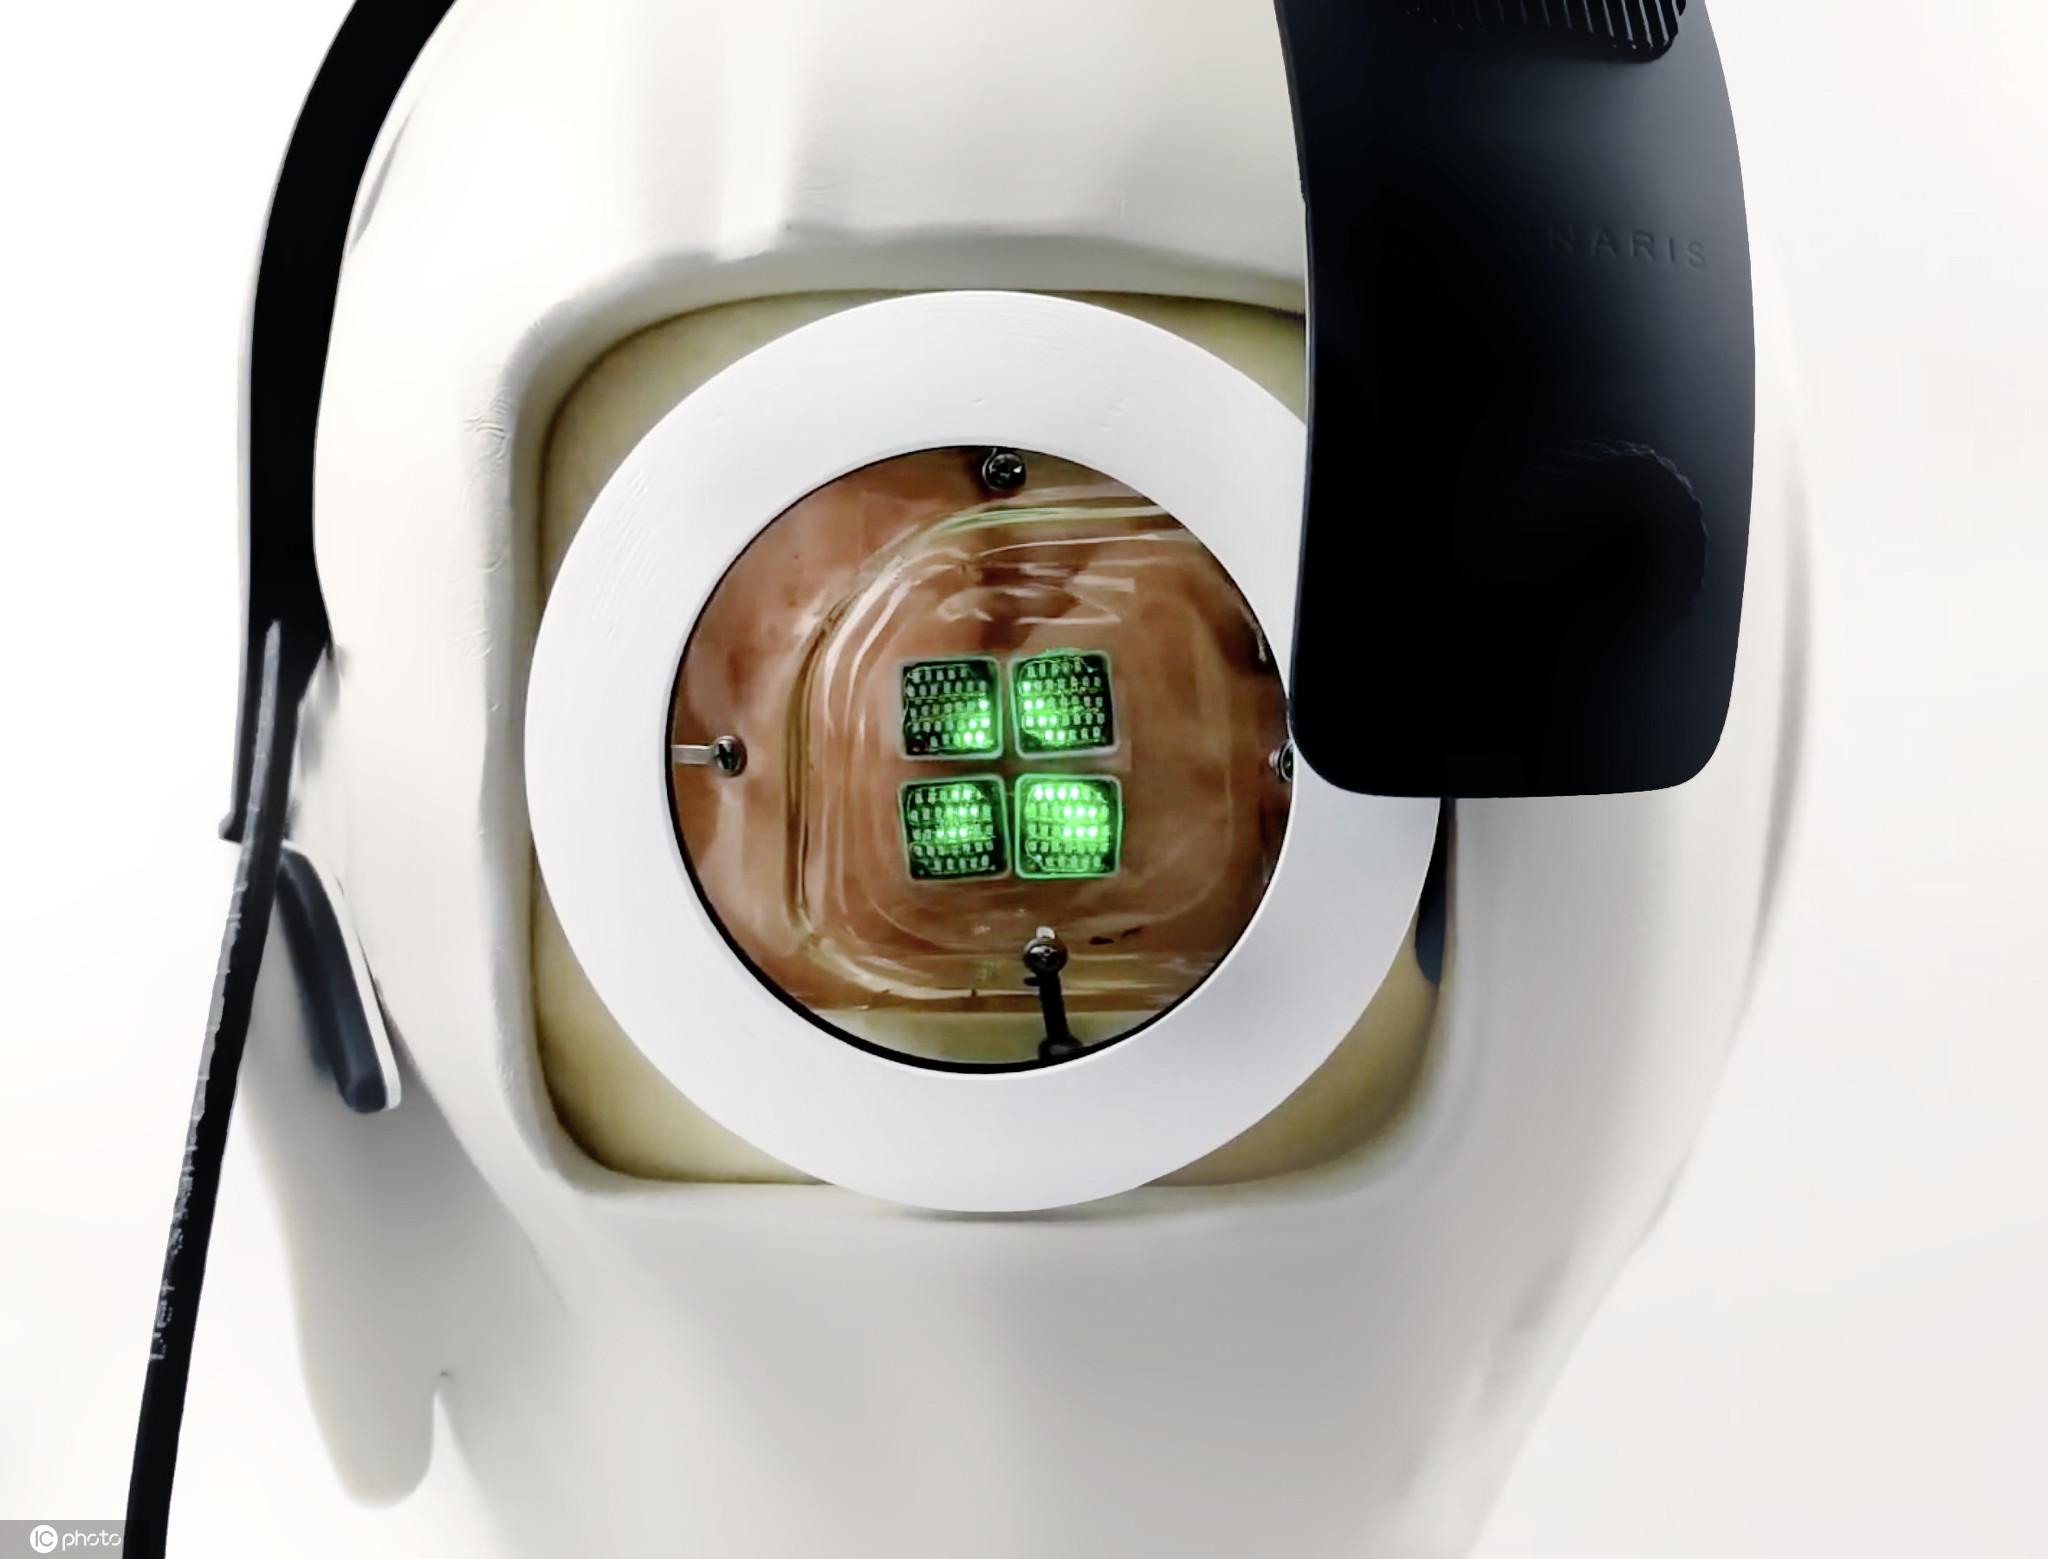 澳大利亚墨尔本,莫纳什大学的科学家计划进行世界上第一台能让盲人重返光明的仿生眼手术。